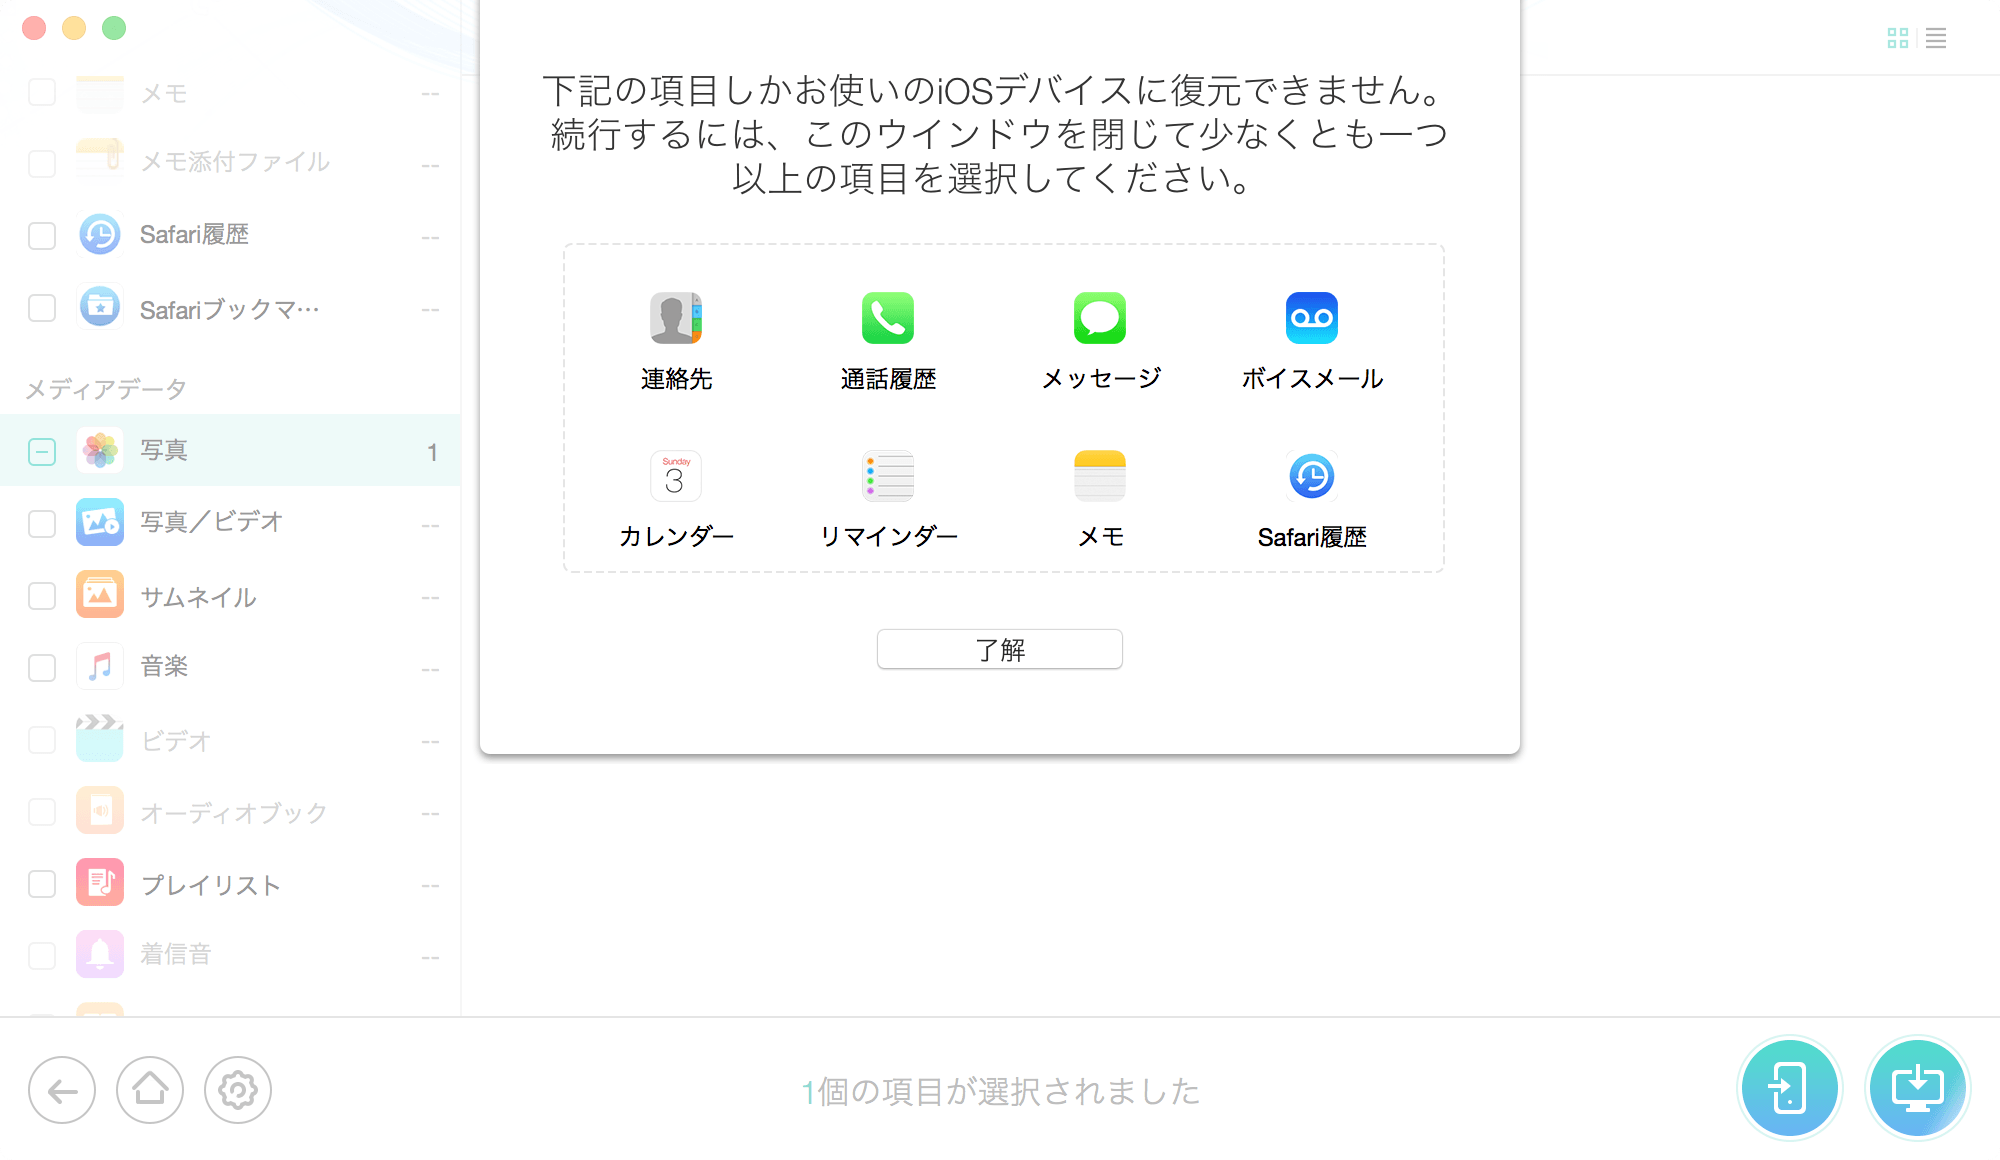 022_20160730-phonerescuere